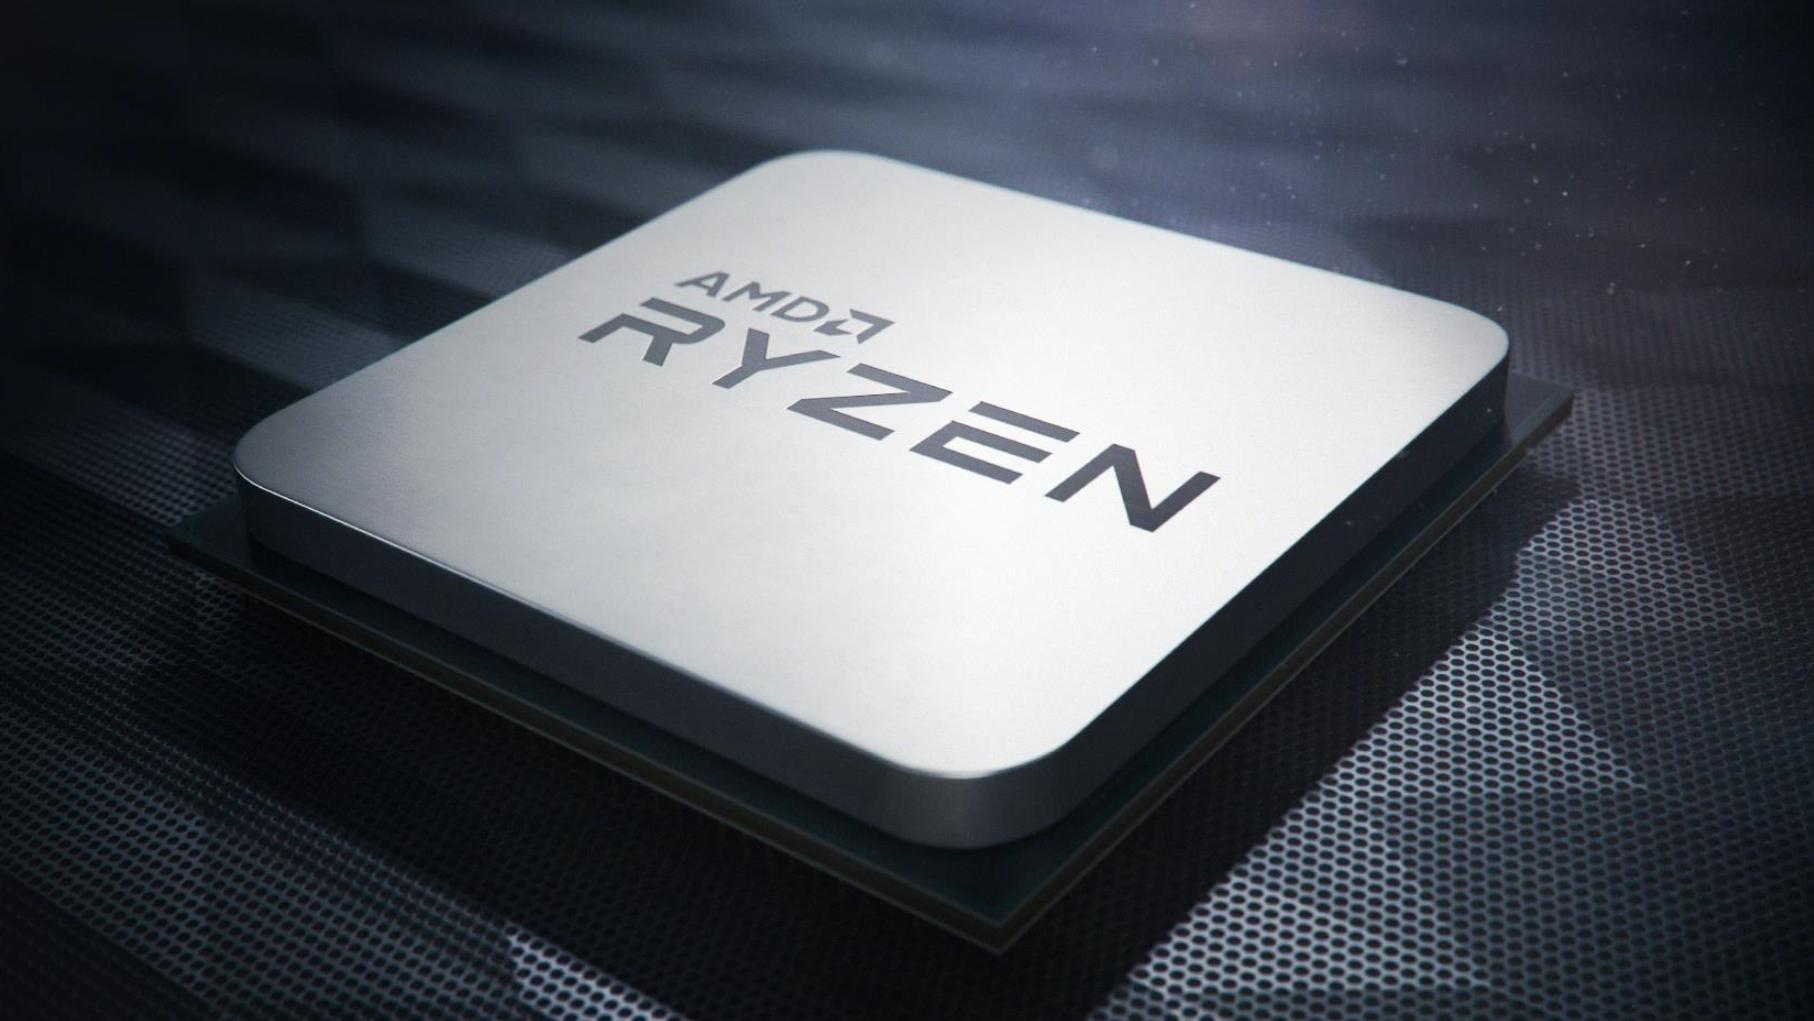 AMD údajně pracuje na ARM procesoru, který má konkurovat Apple M1